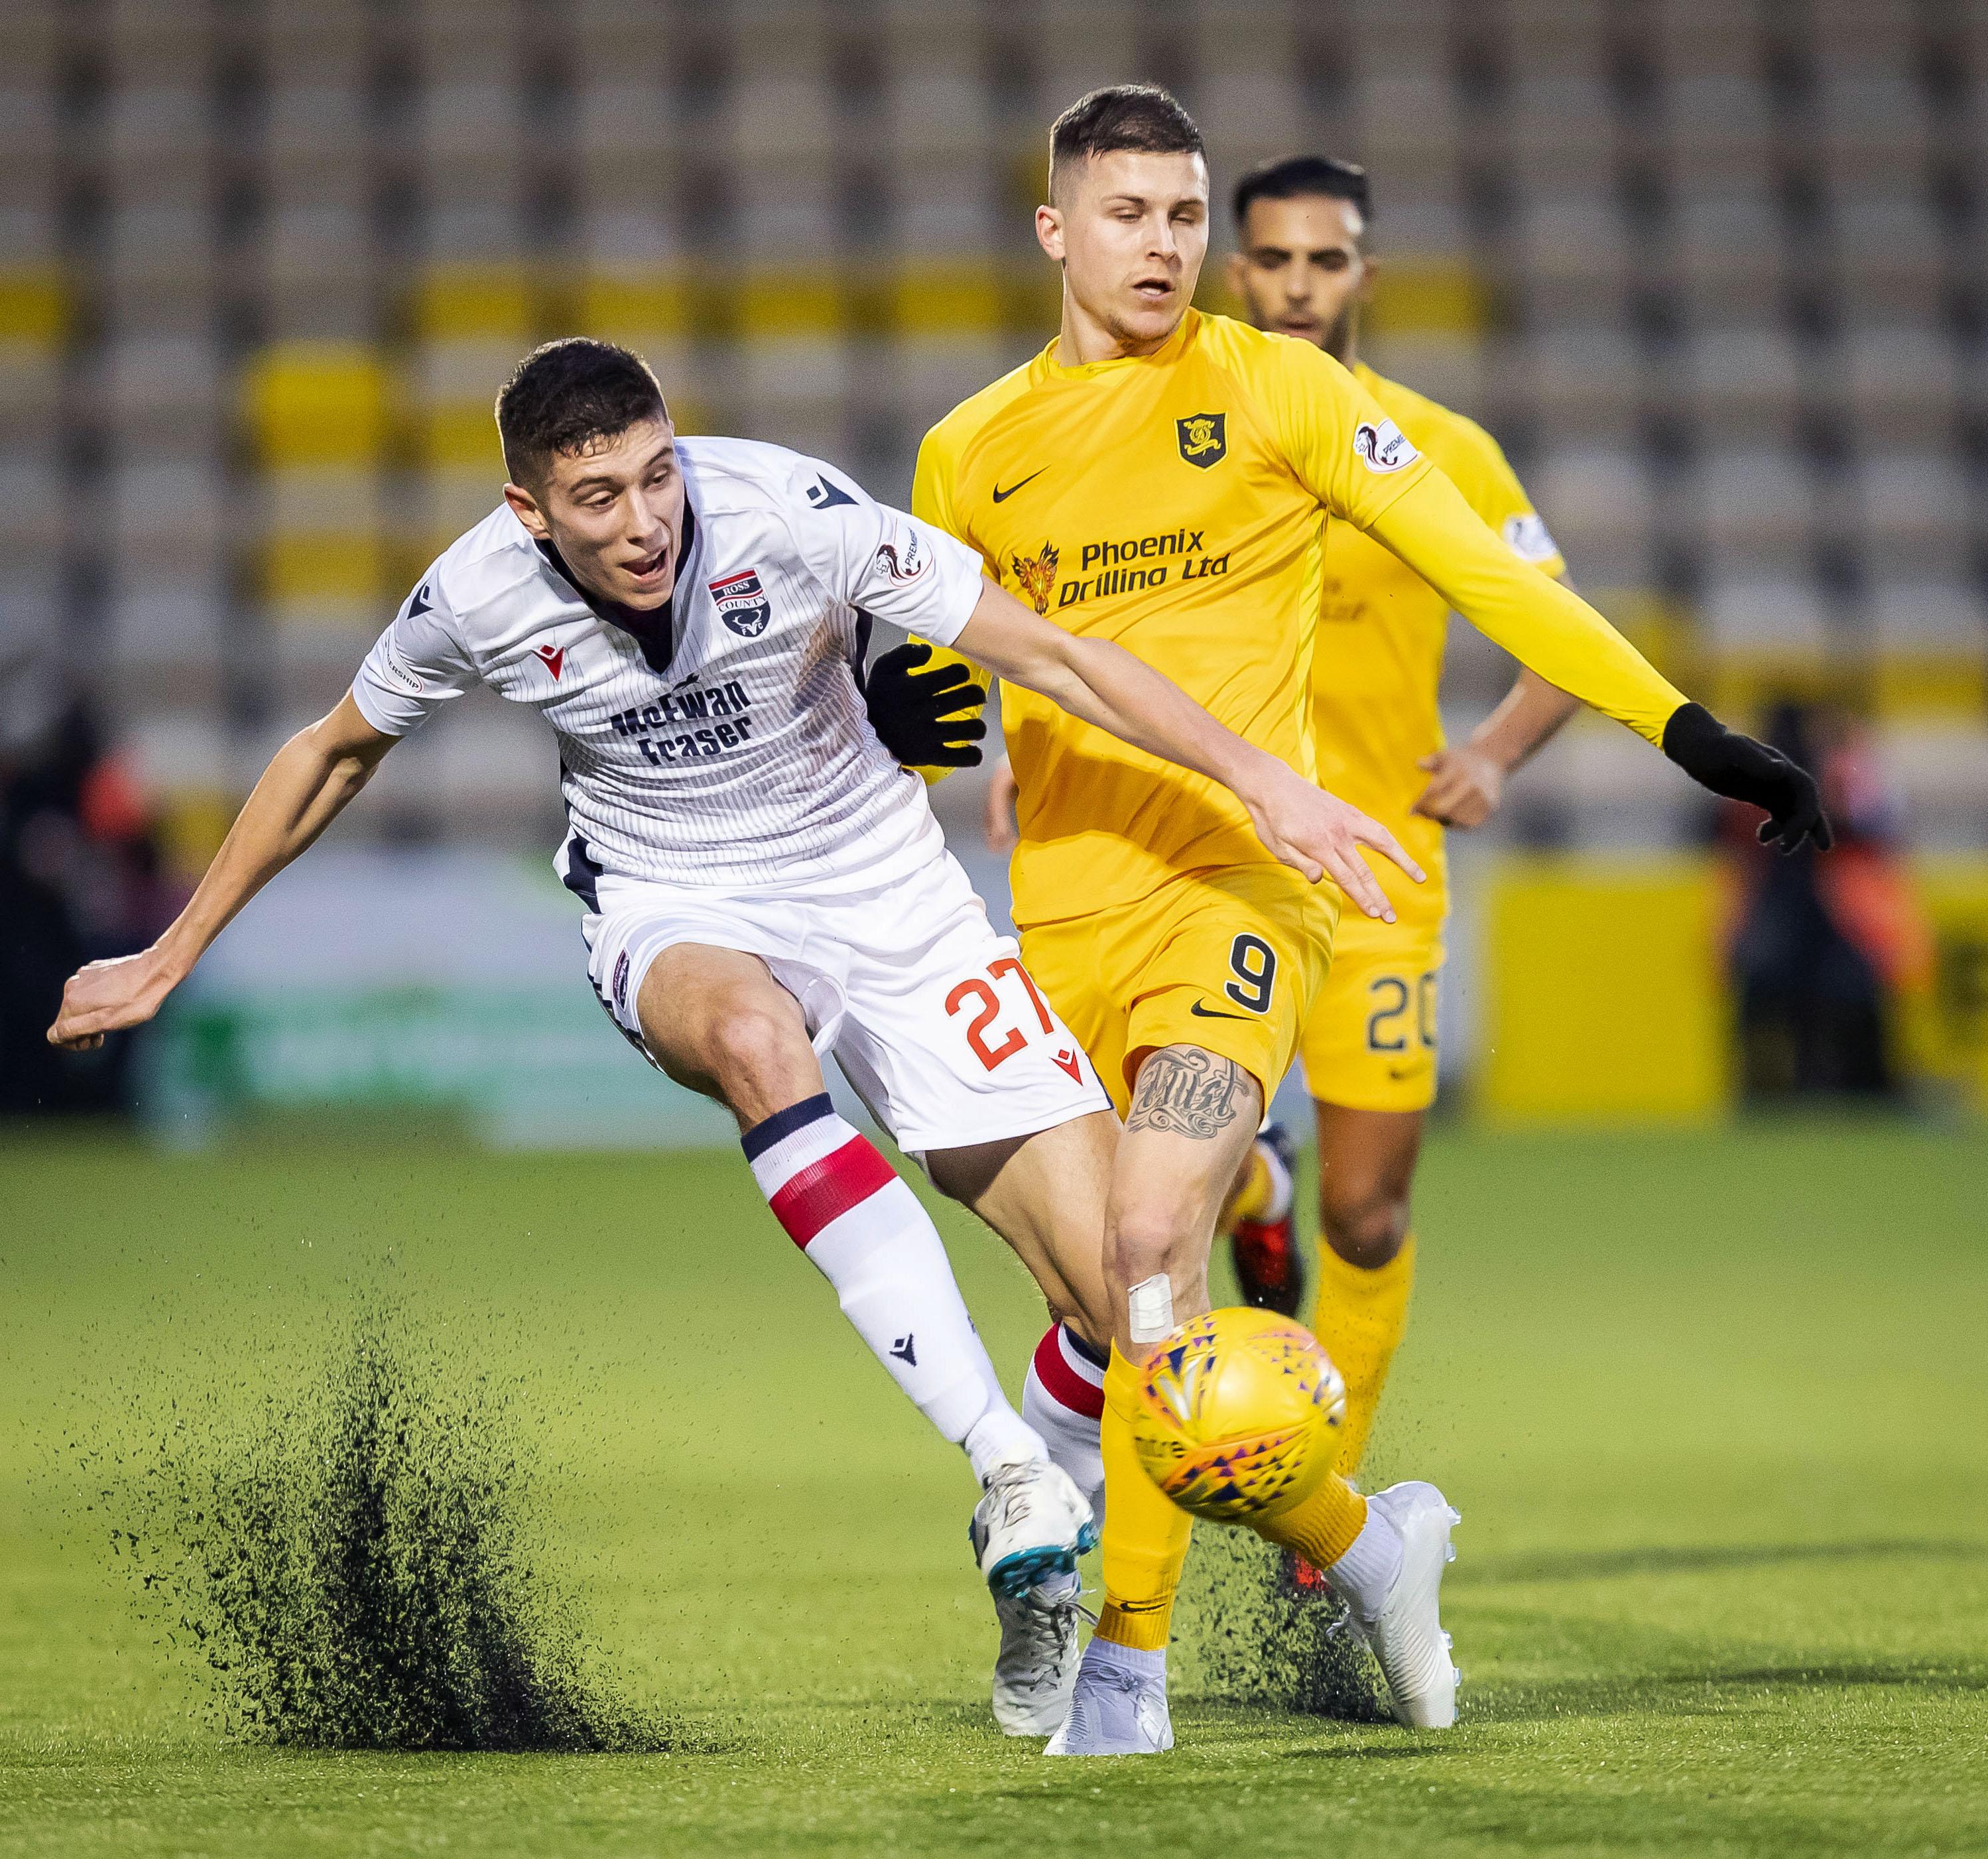 Ross Stewart in action against Livingston.